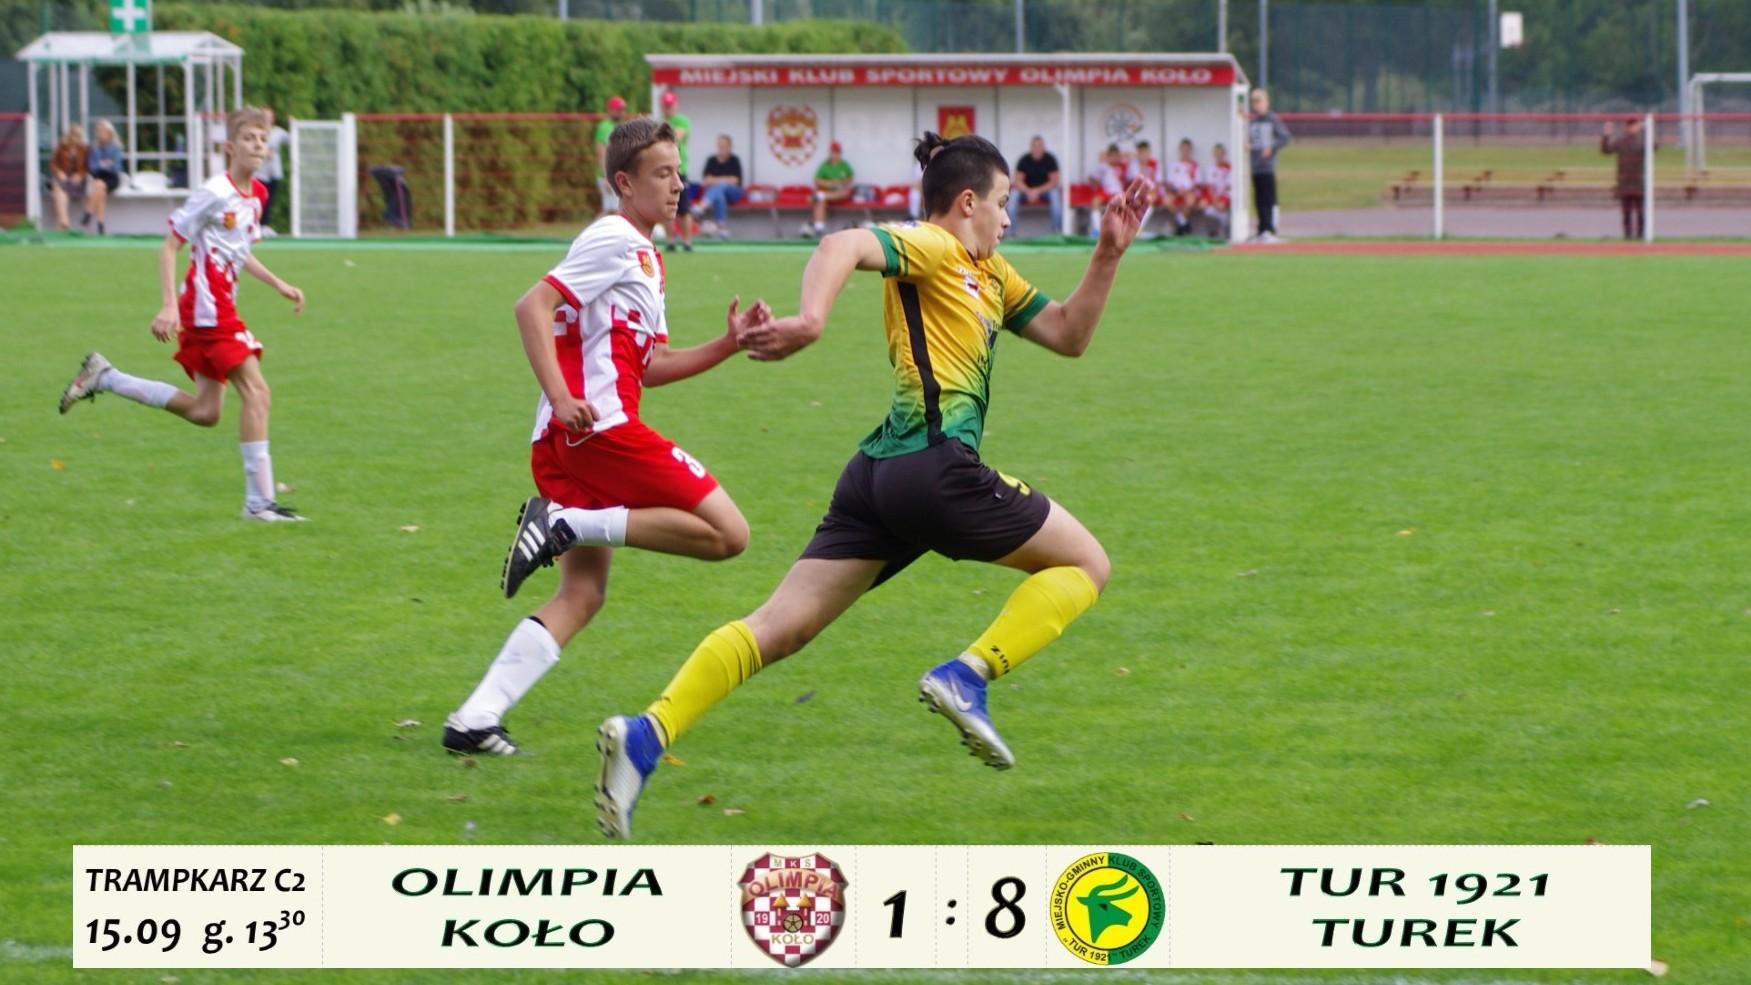 Olimpia Koło- Tur 1921 Turek 1:8